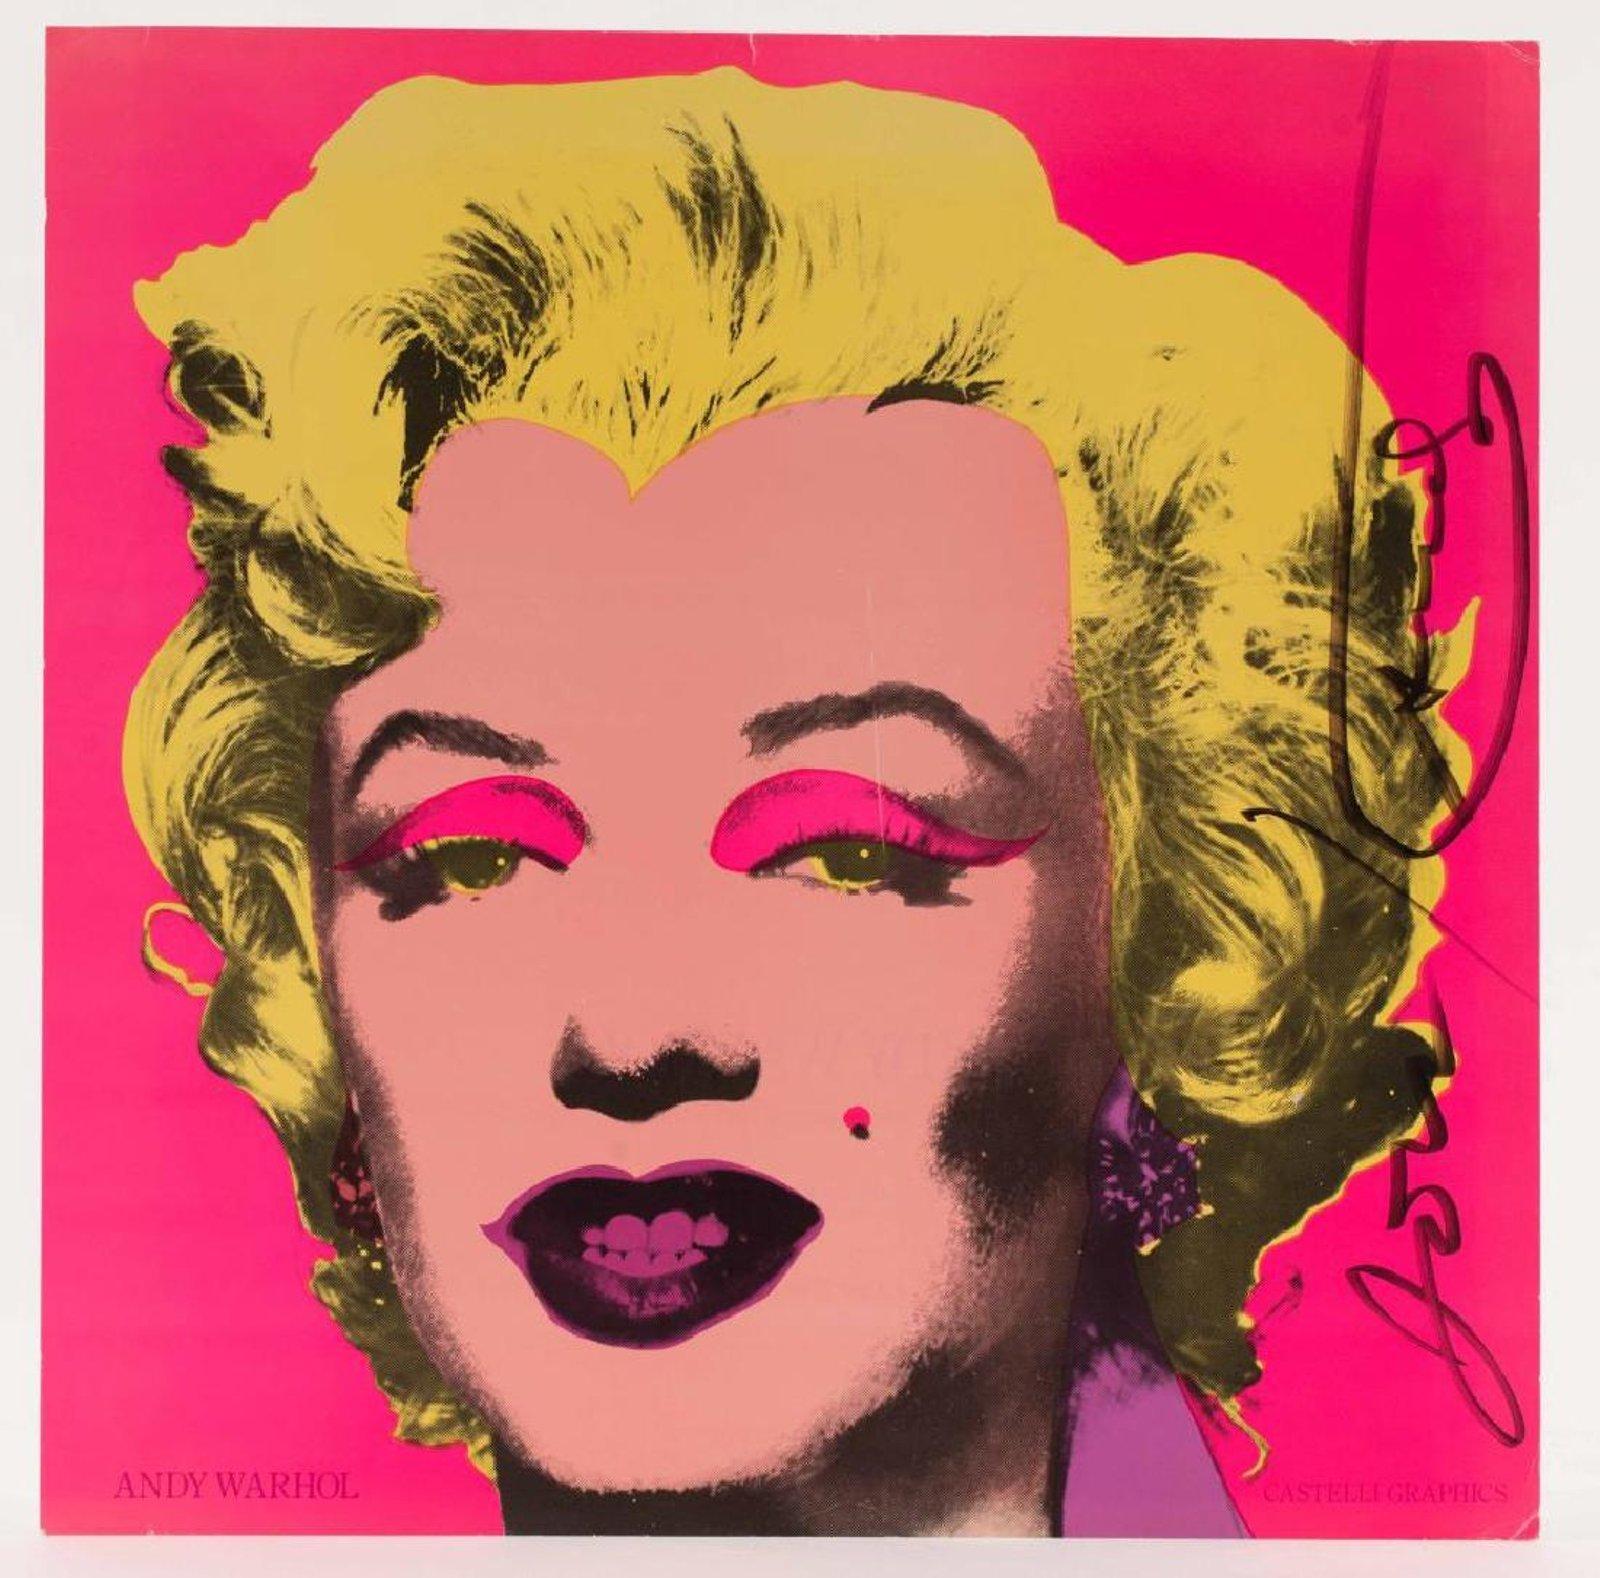 Invitation à l'événement Factory Editions, Andy Warhol, Print, Retrospective, 1963-1981, qui s'est déroulé de décembre à novembre 1981 à New York, avec l'emblématique Marilyn, 1967 Estimation: 5 000 - 10 000 $